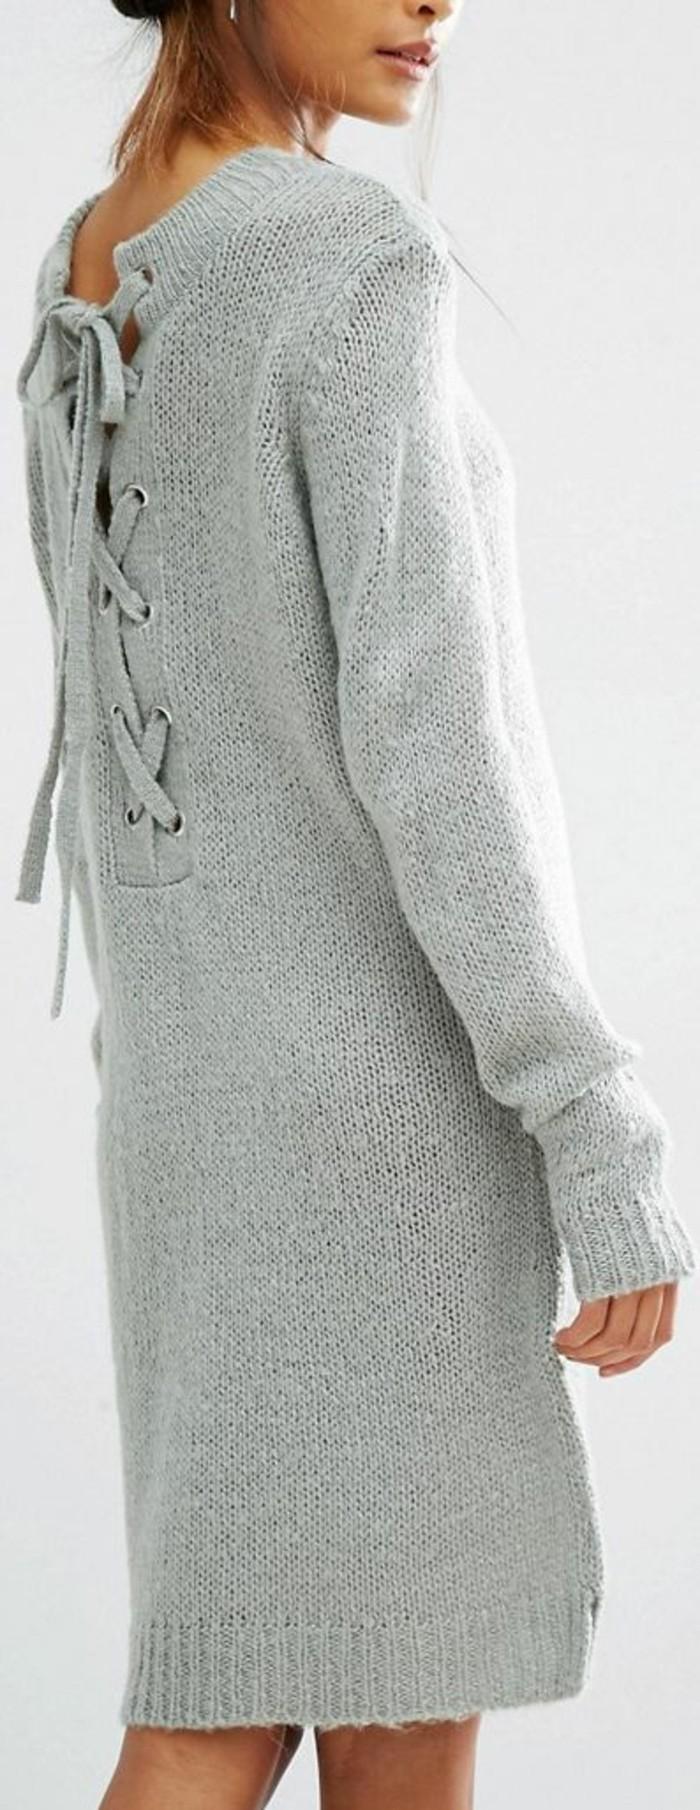 robe-en-laine-avec-des-lacets-au-dos